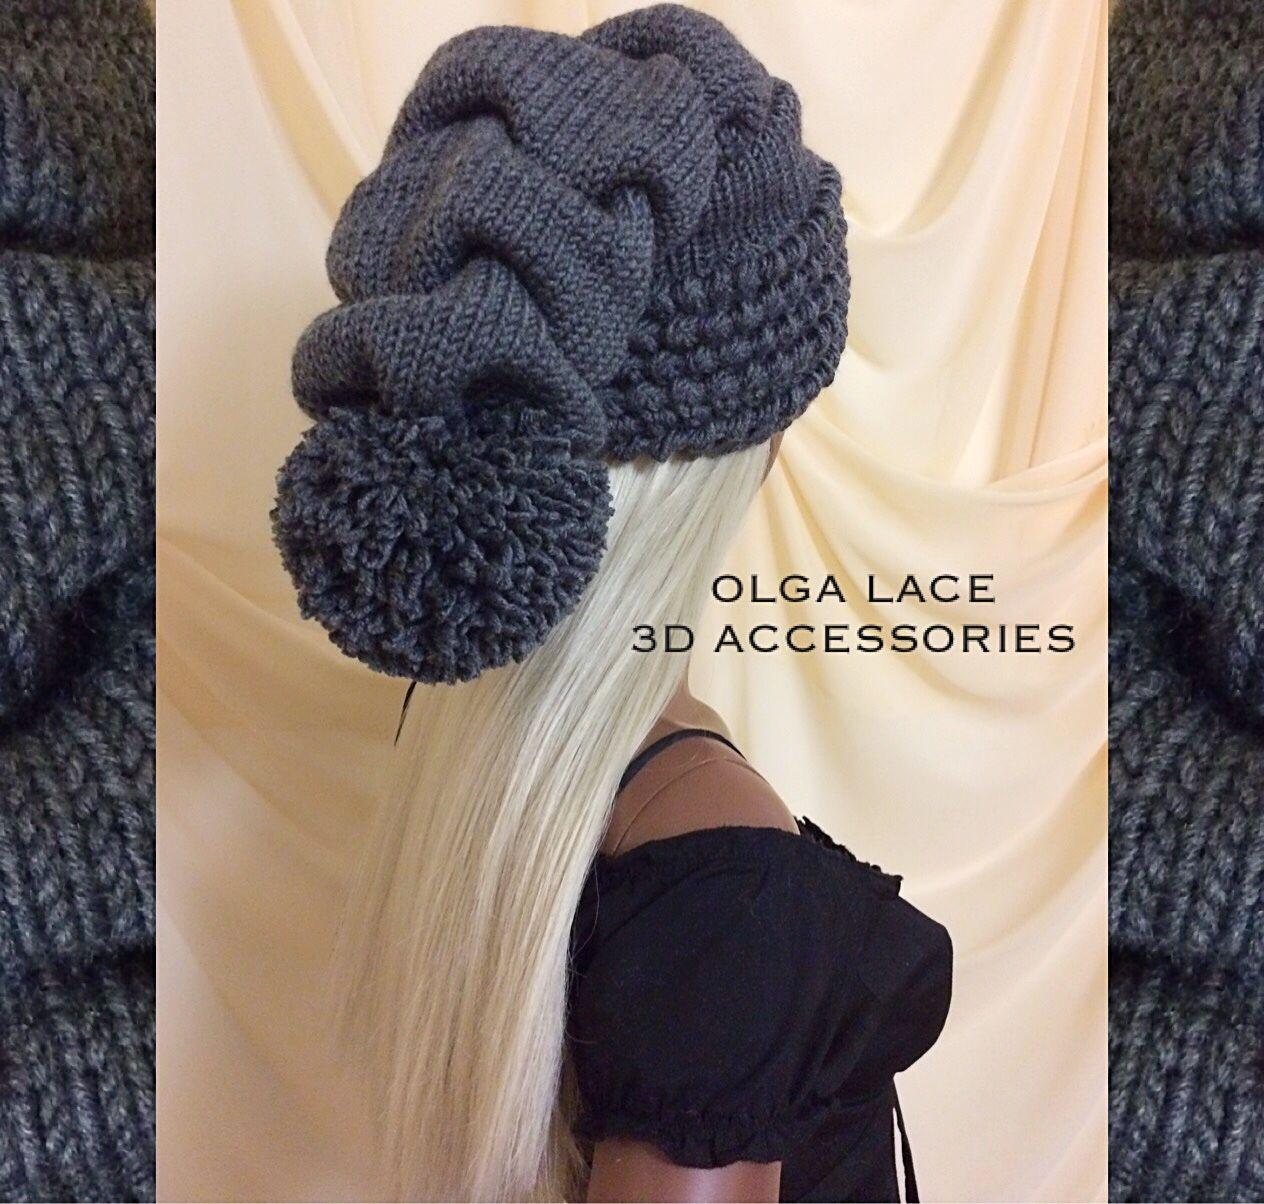 Шапки ручной работы. Ярмарка Мастеров - ручная работа. Купить 3D  шапка - колпак от Olga Lace. Handmade. Колпак